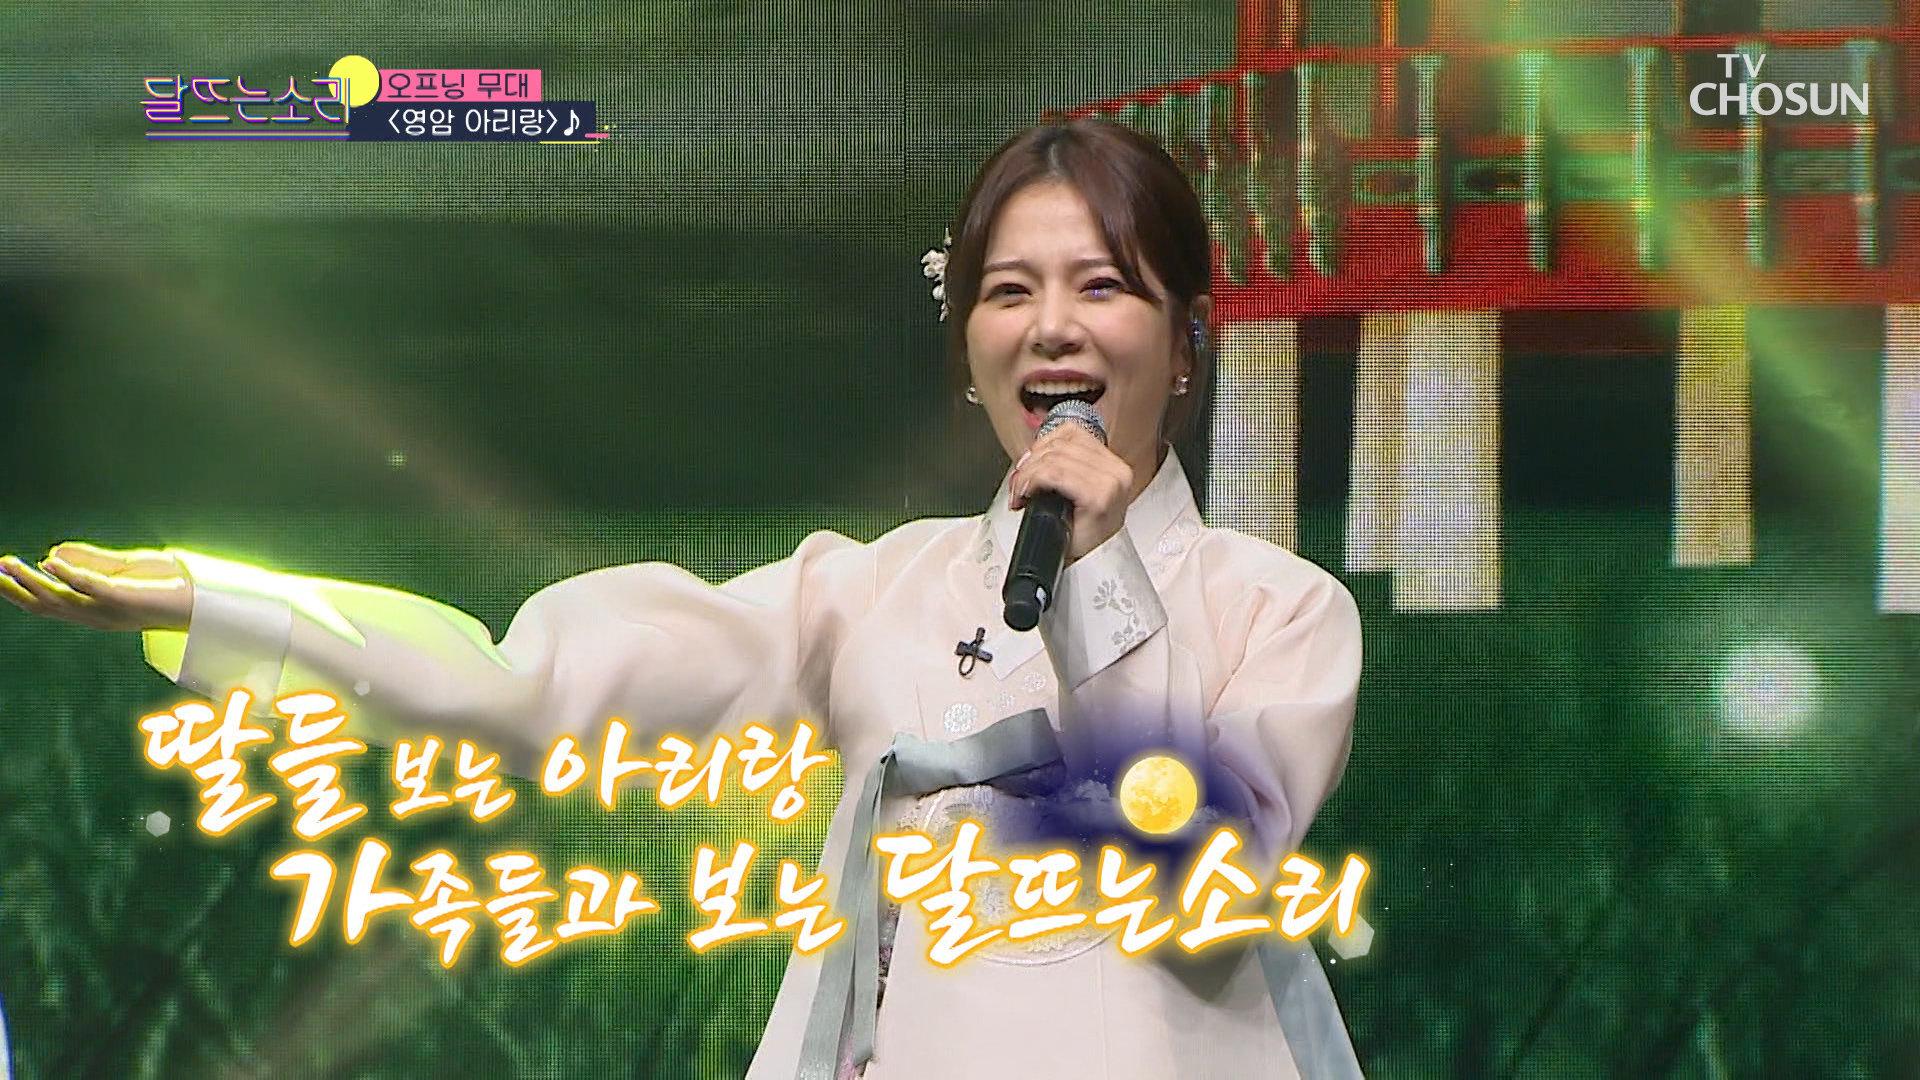 한가위를 책임지는 트롯 딸들의 노래 가락 '영암아리랑' TV CHOSUN 210920 방송